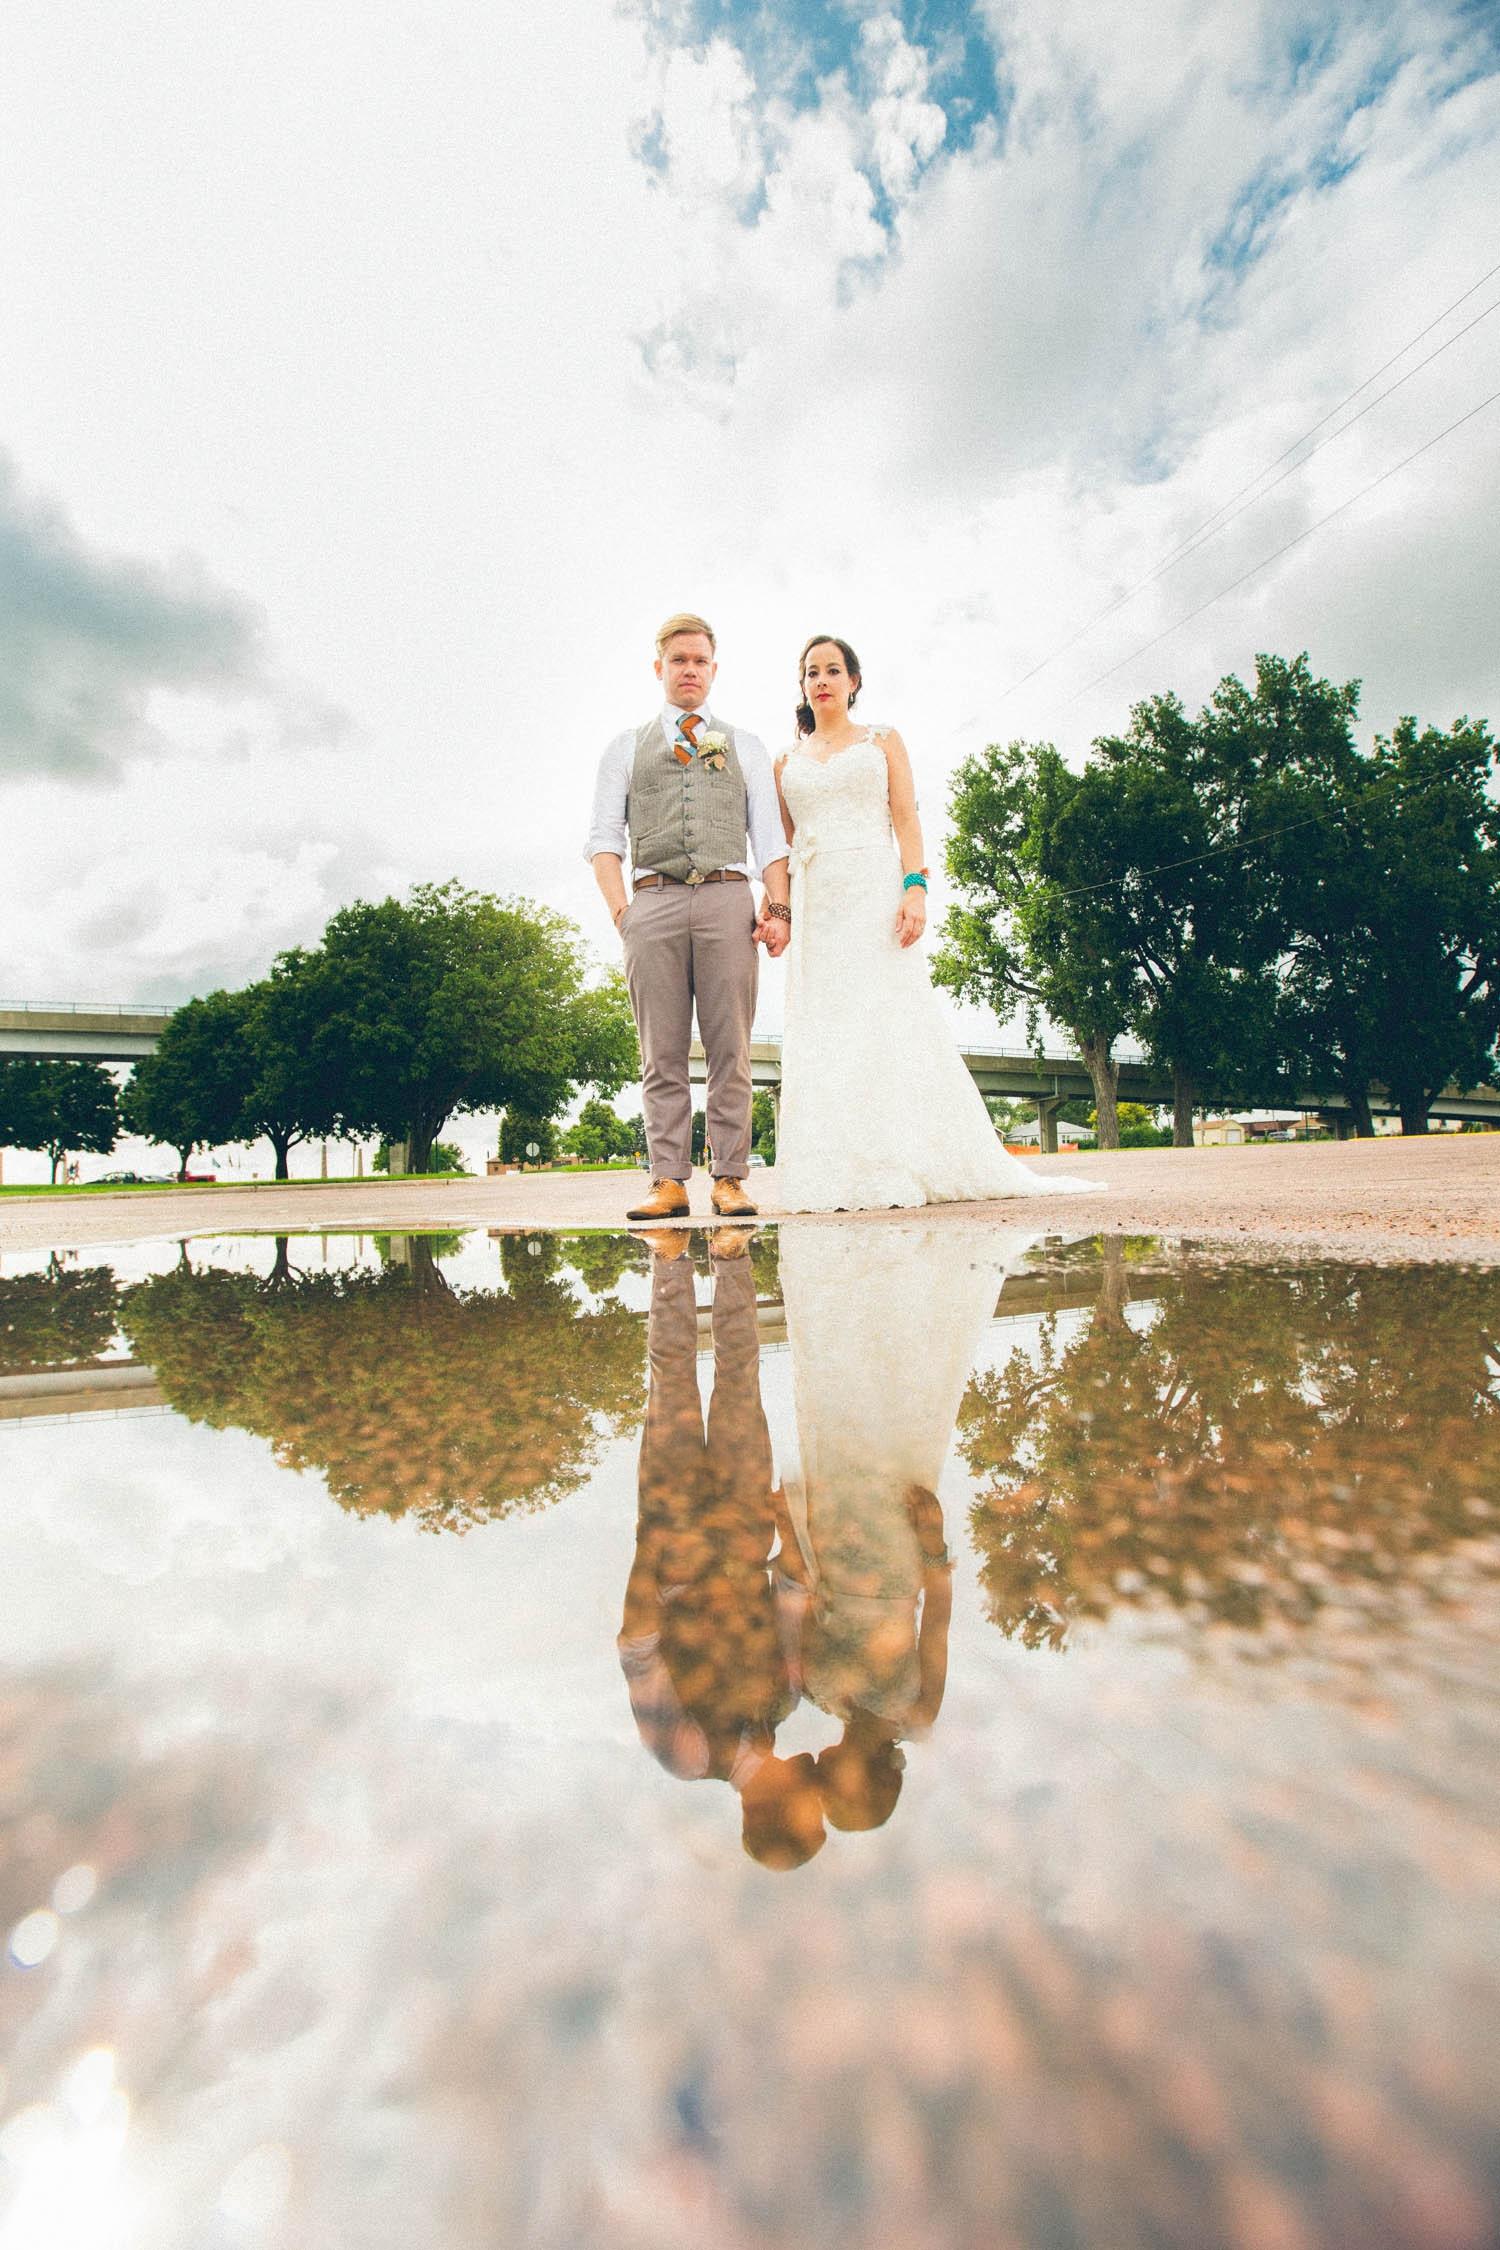 картинки с смыслом свадебный конкретно руки ноги